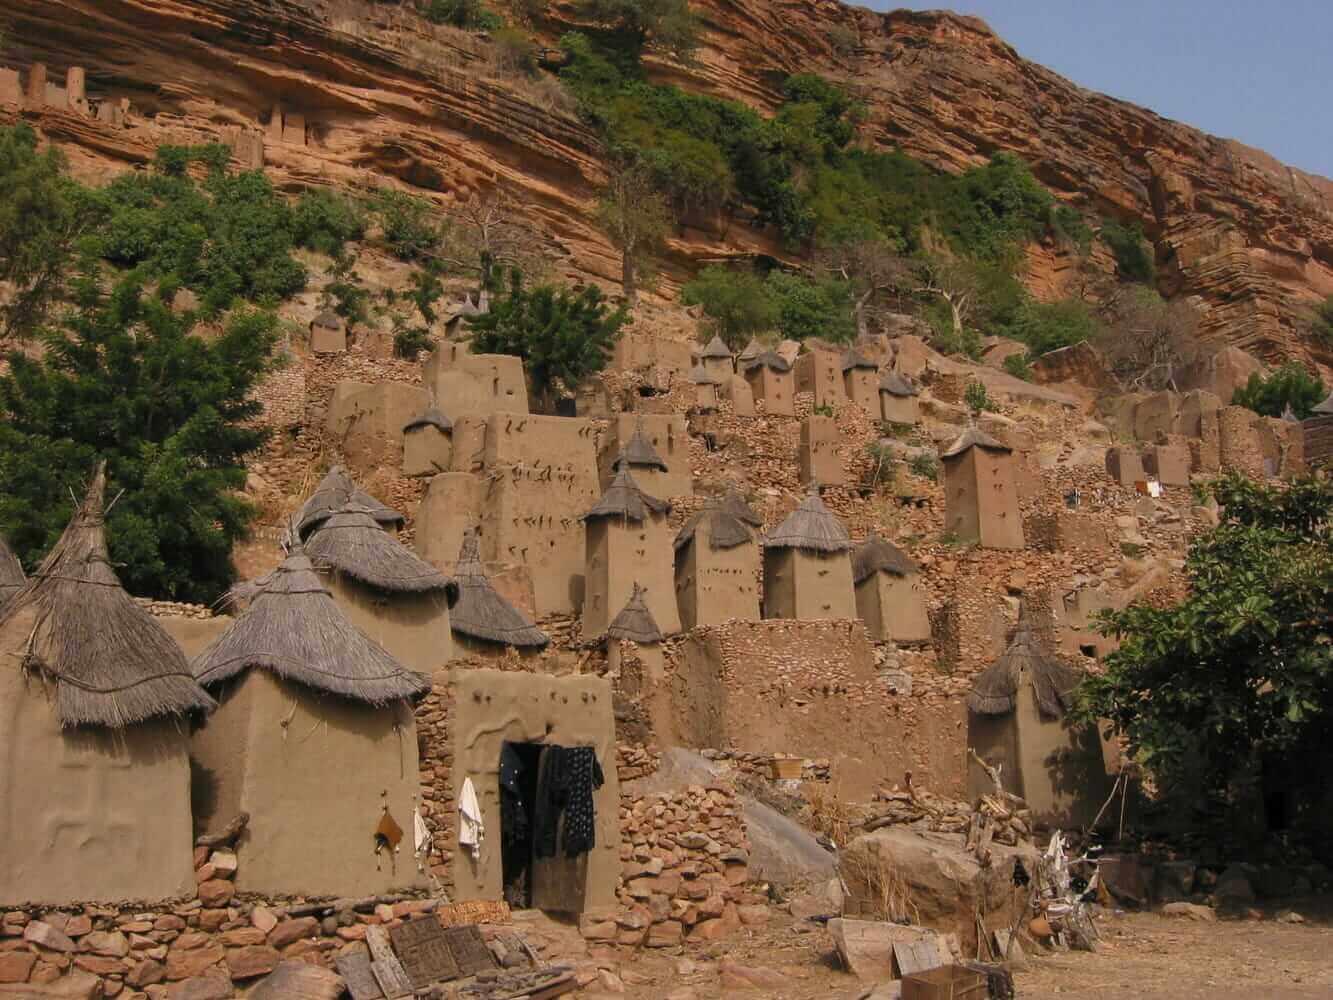 Mugsum Mud Huts, Cameroon.